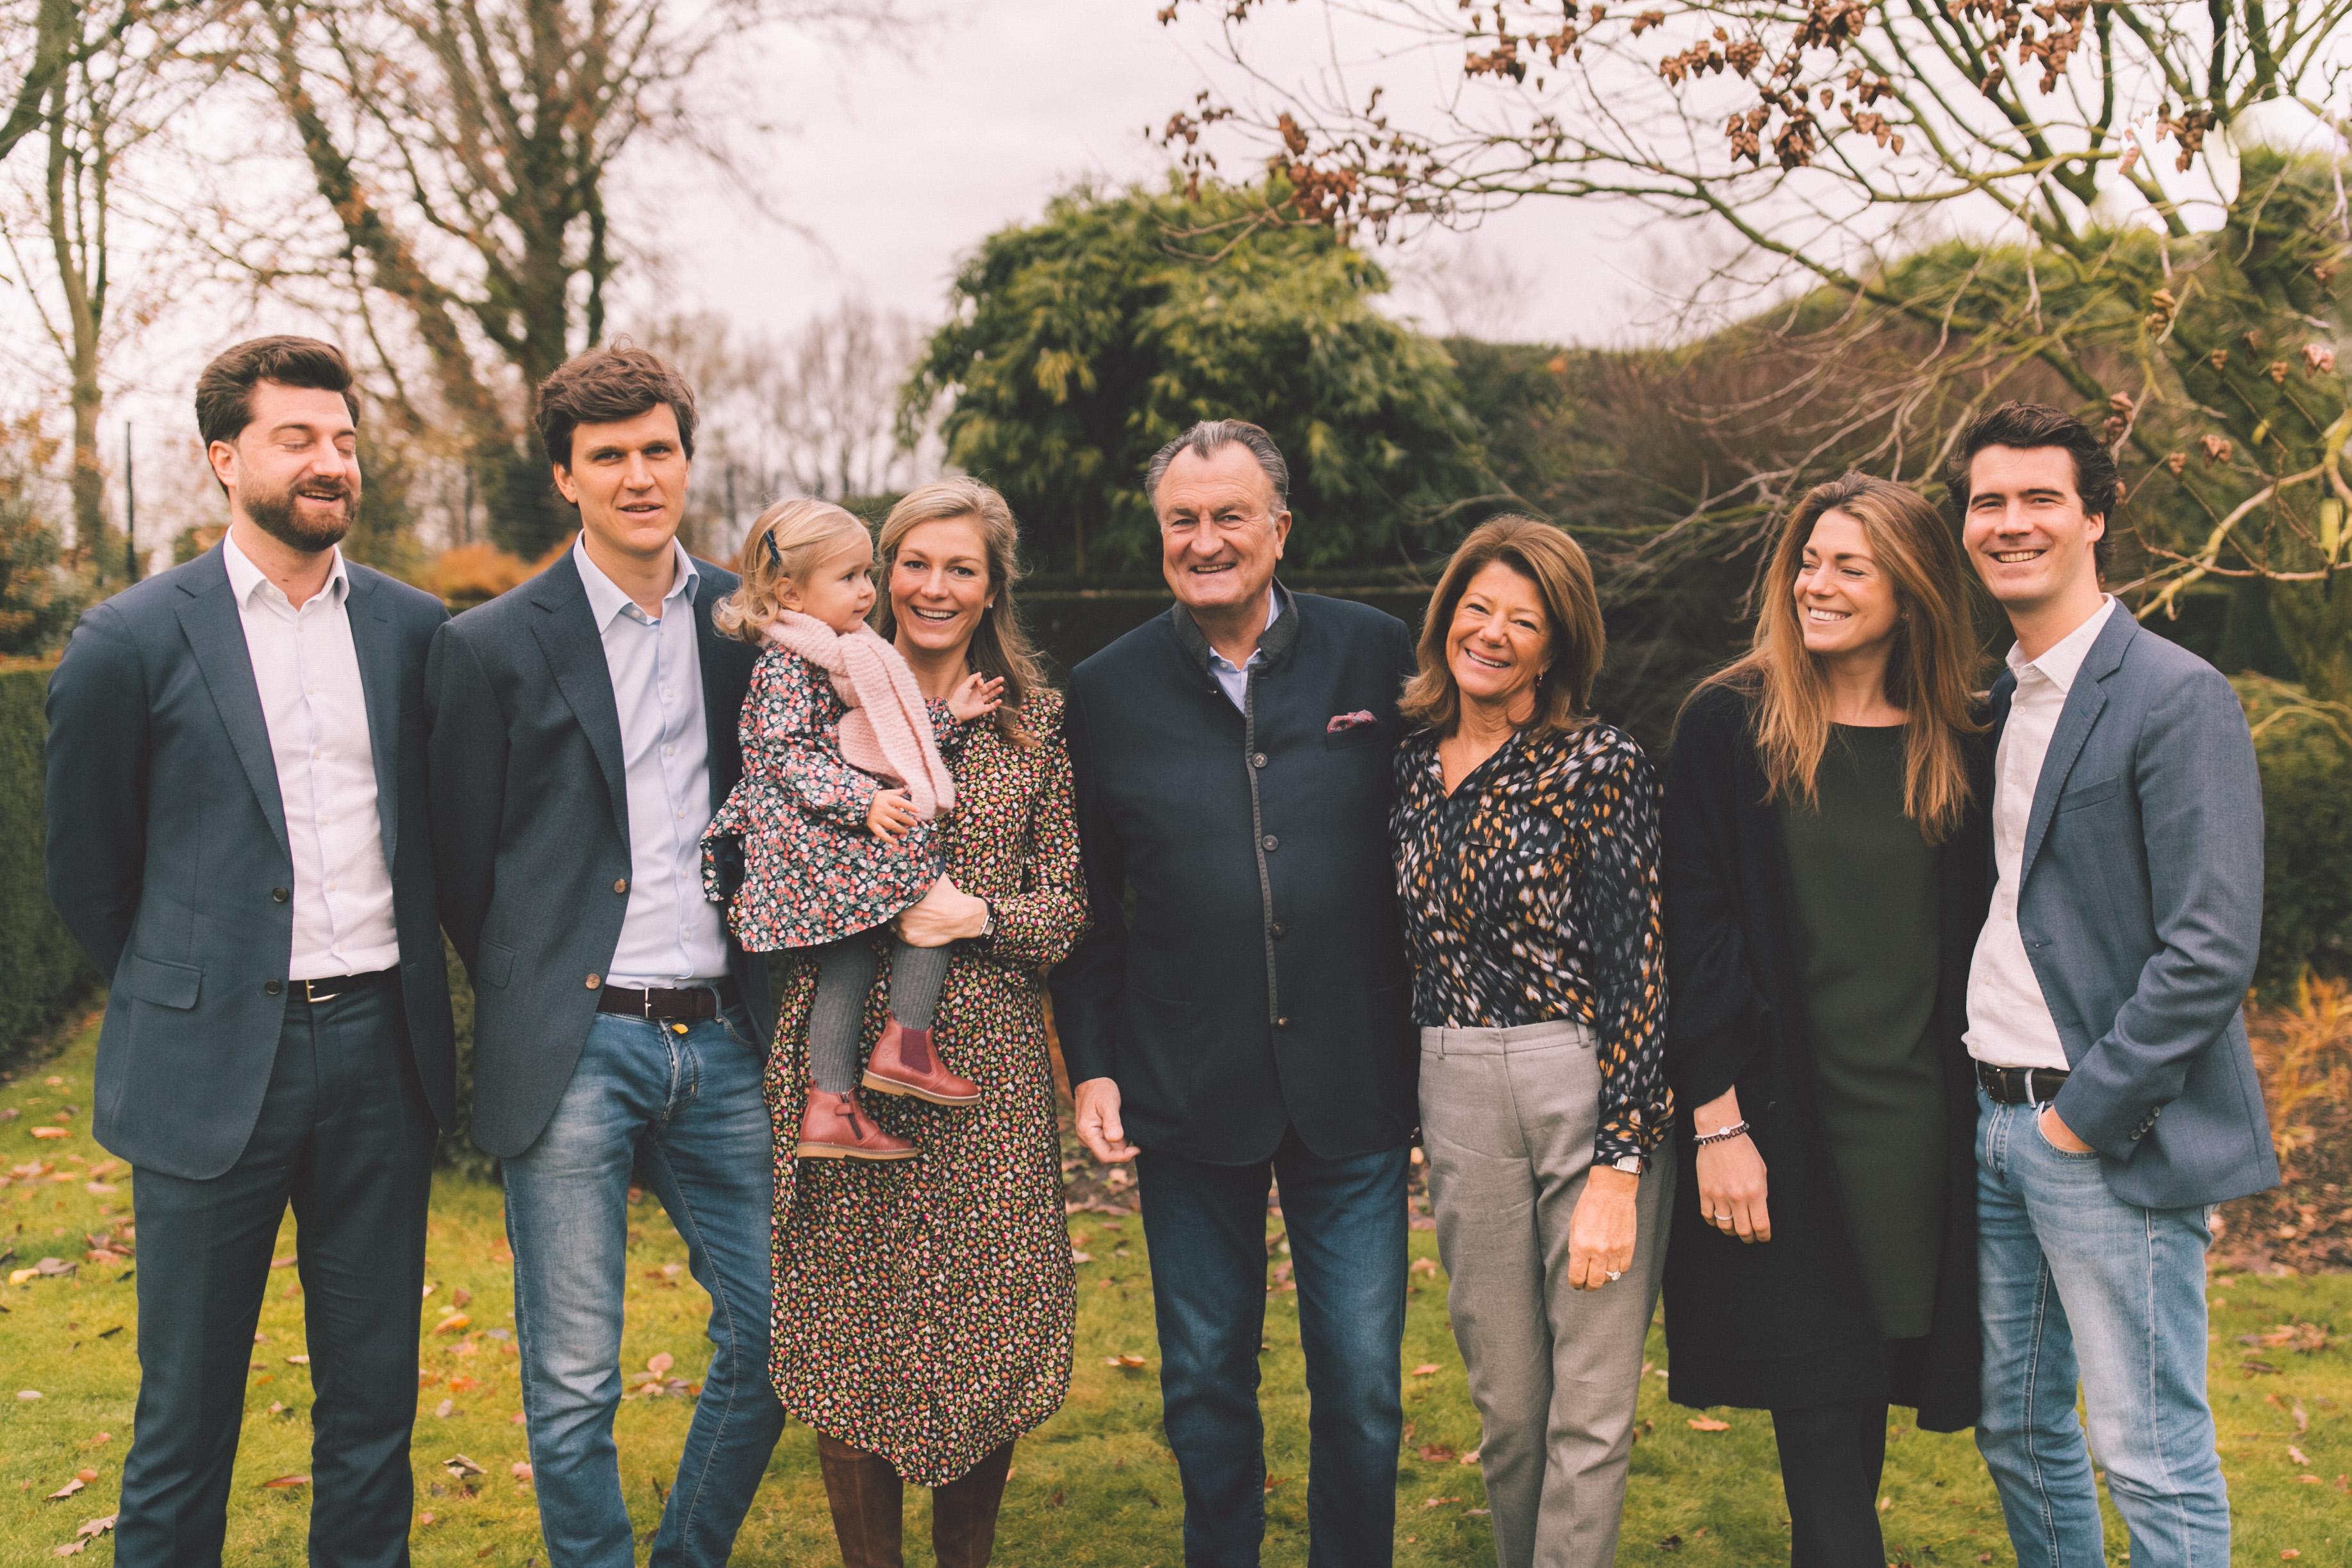 FAMILIE DE PAUW-6169